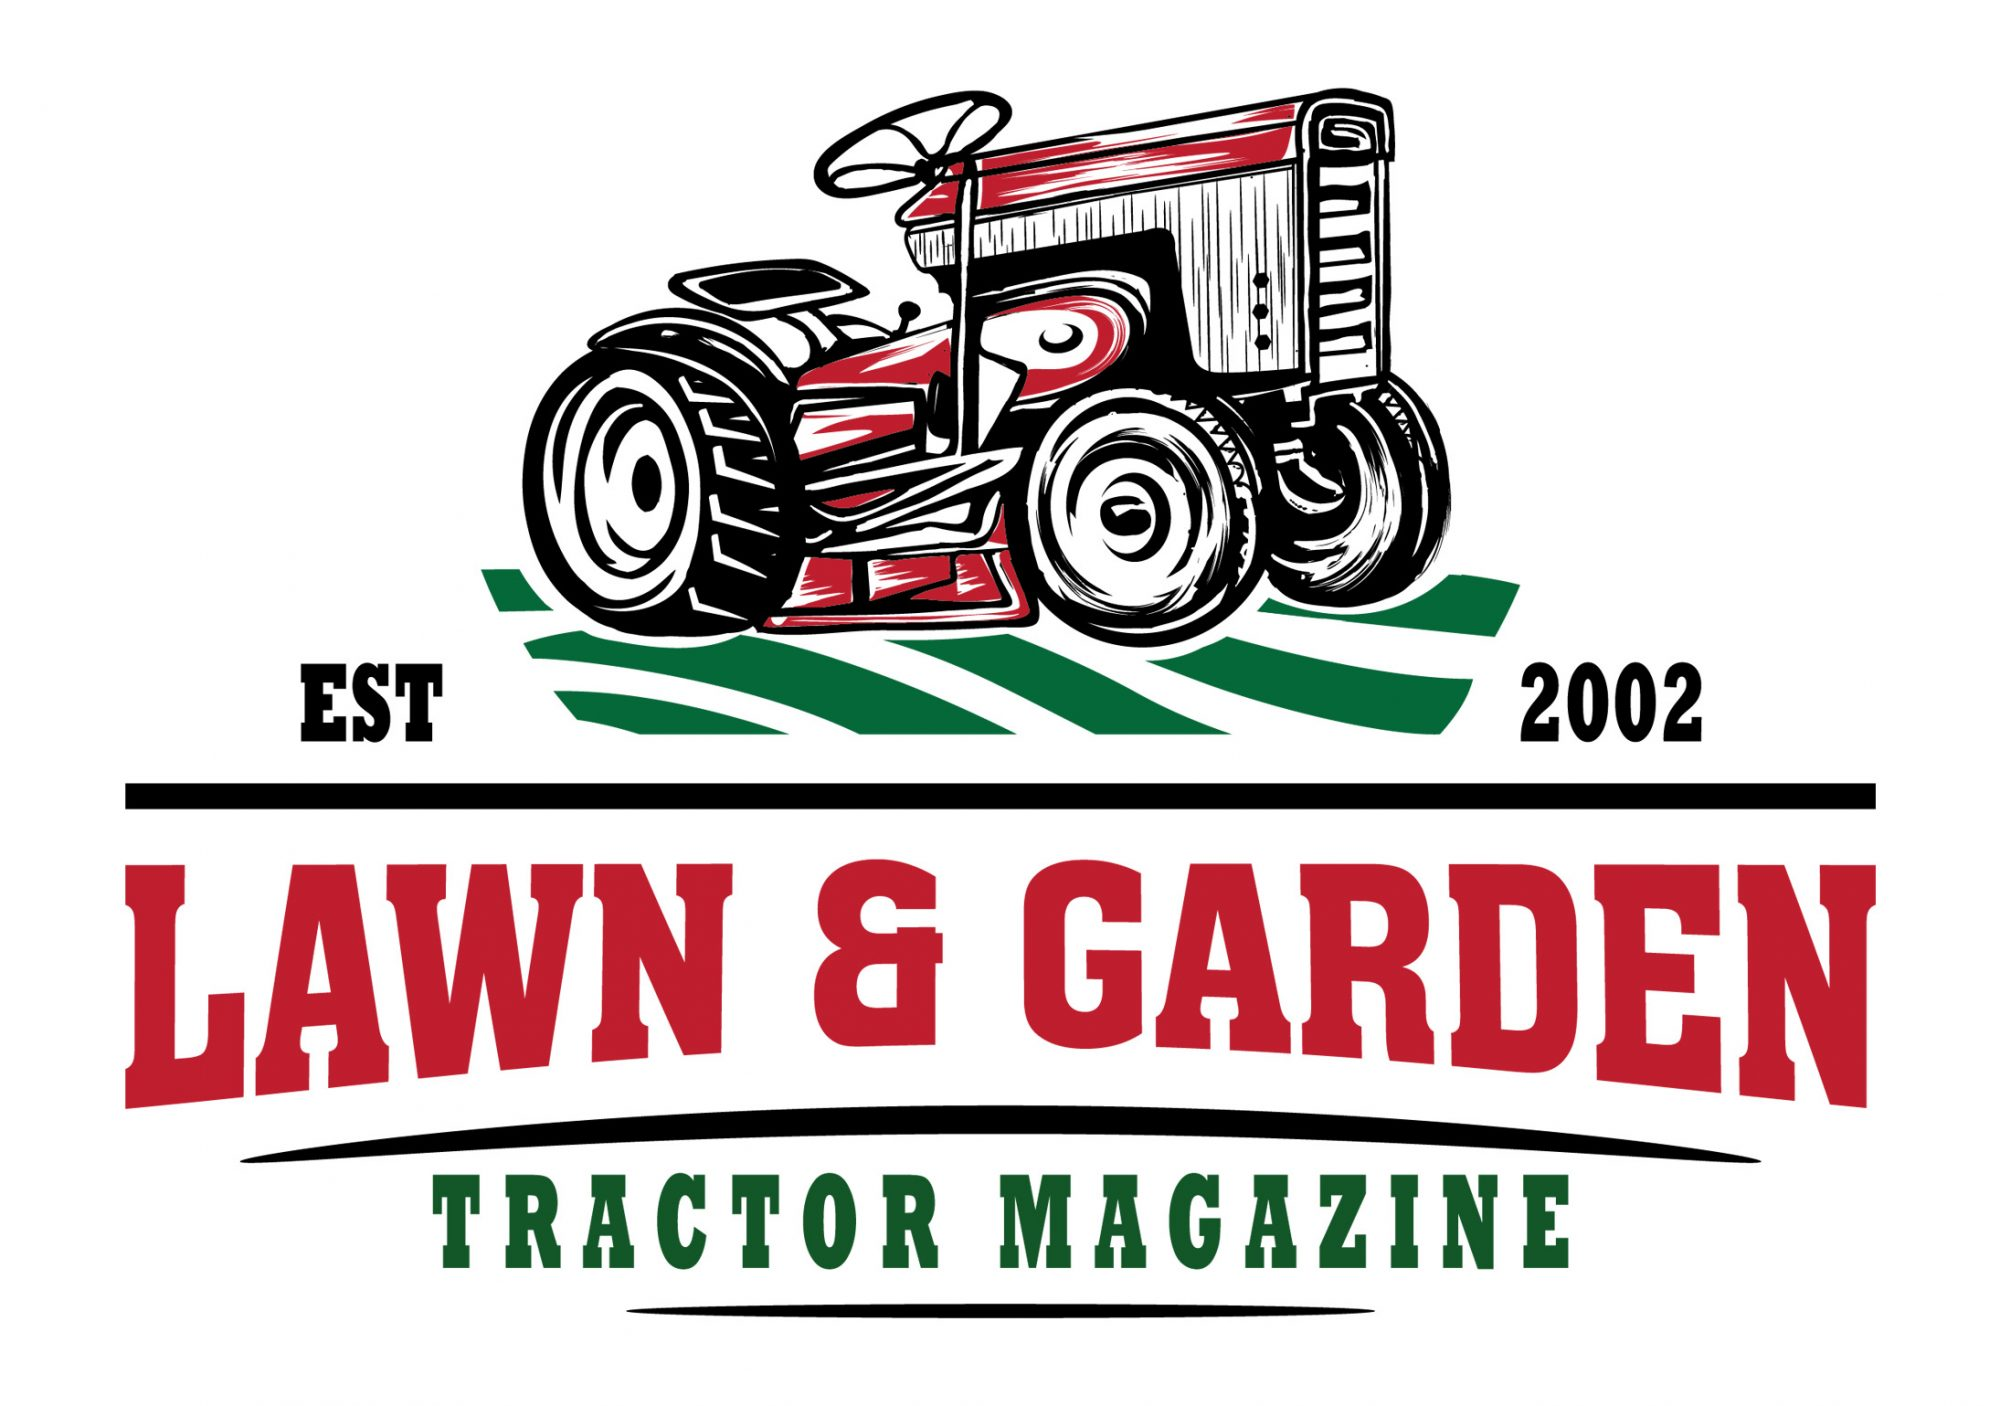 Lawn & Garden Magazine